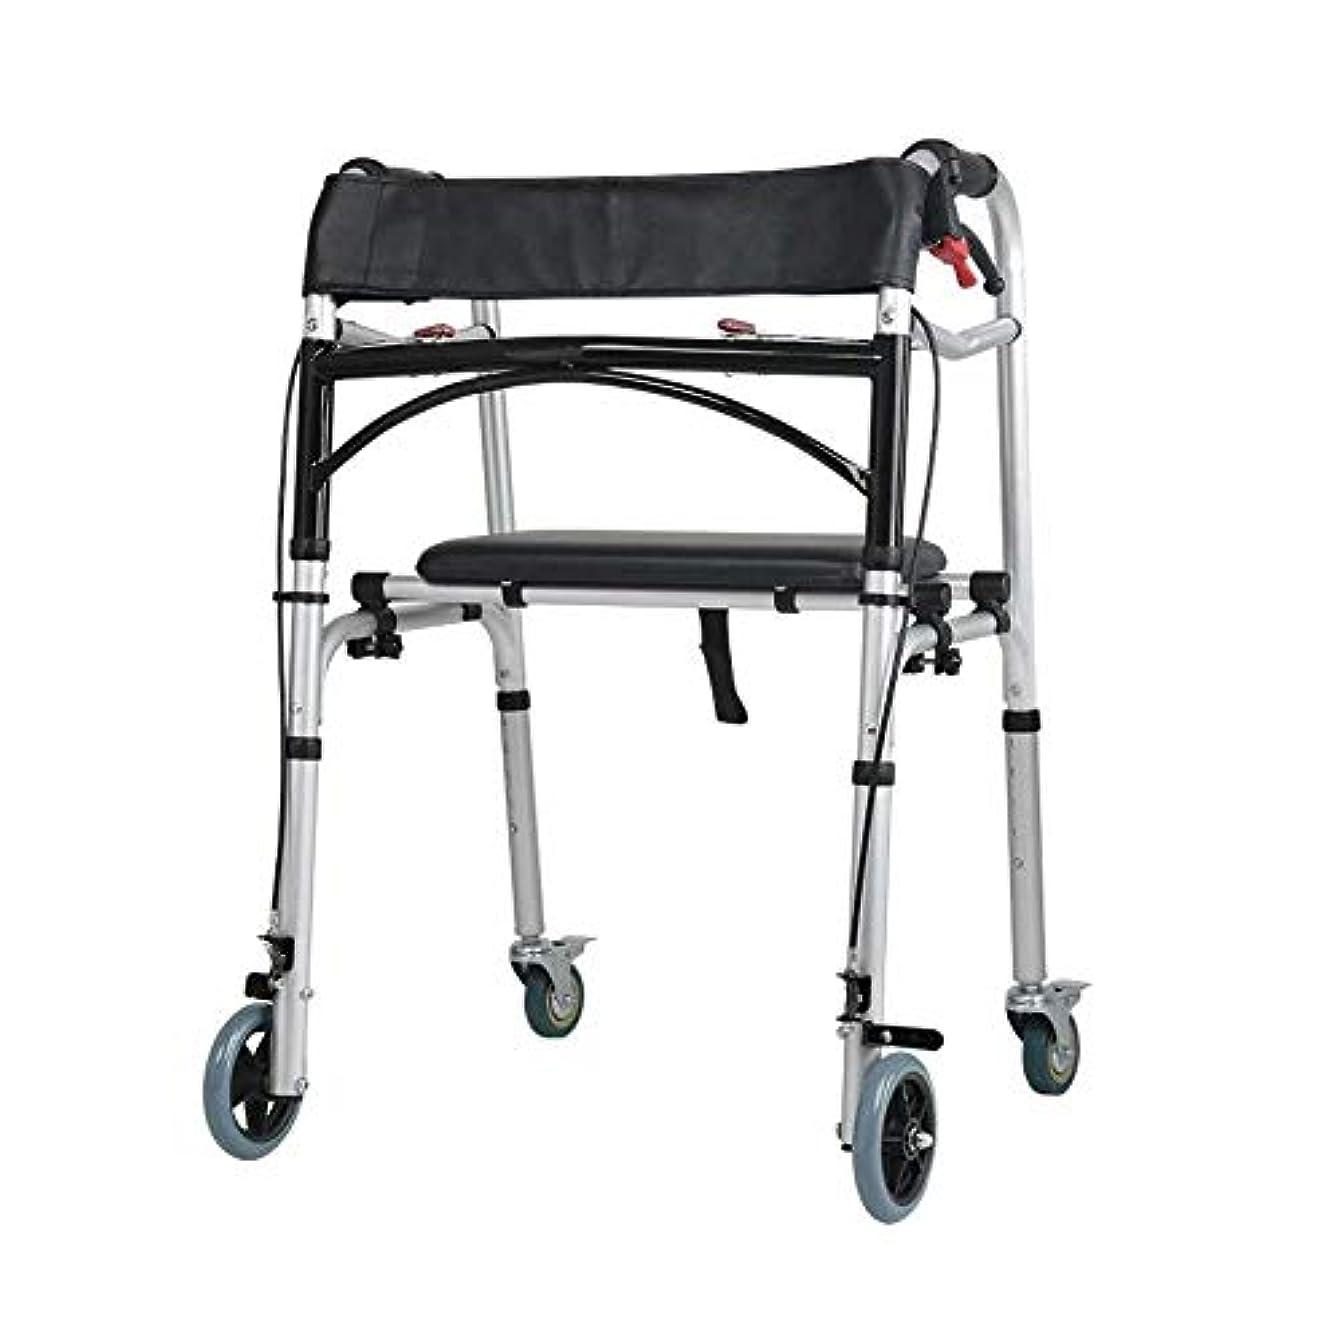 うまれた秋サミュエルキャリングハンドルとフリップシート、多機能高齢者歩行杖4脚アンチスリップチェアスツール付き2輪ウォーキングフレーム (Color : 黒)